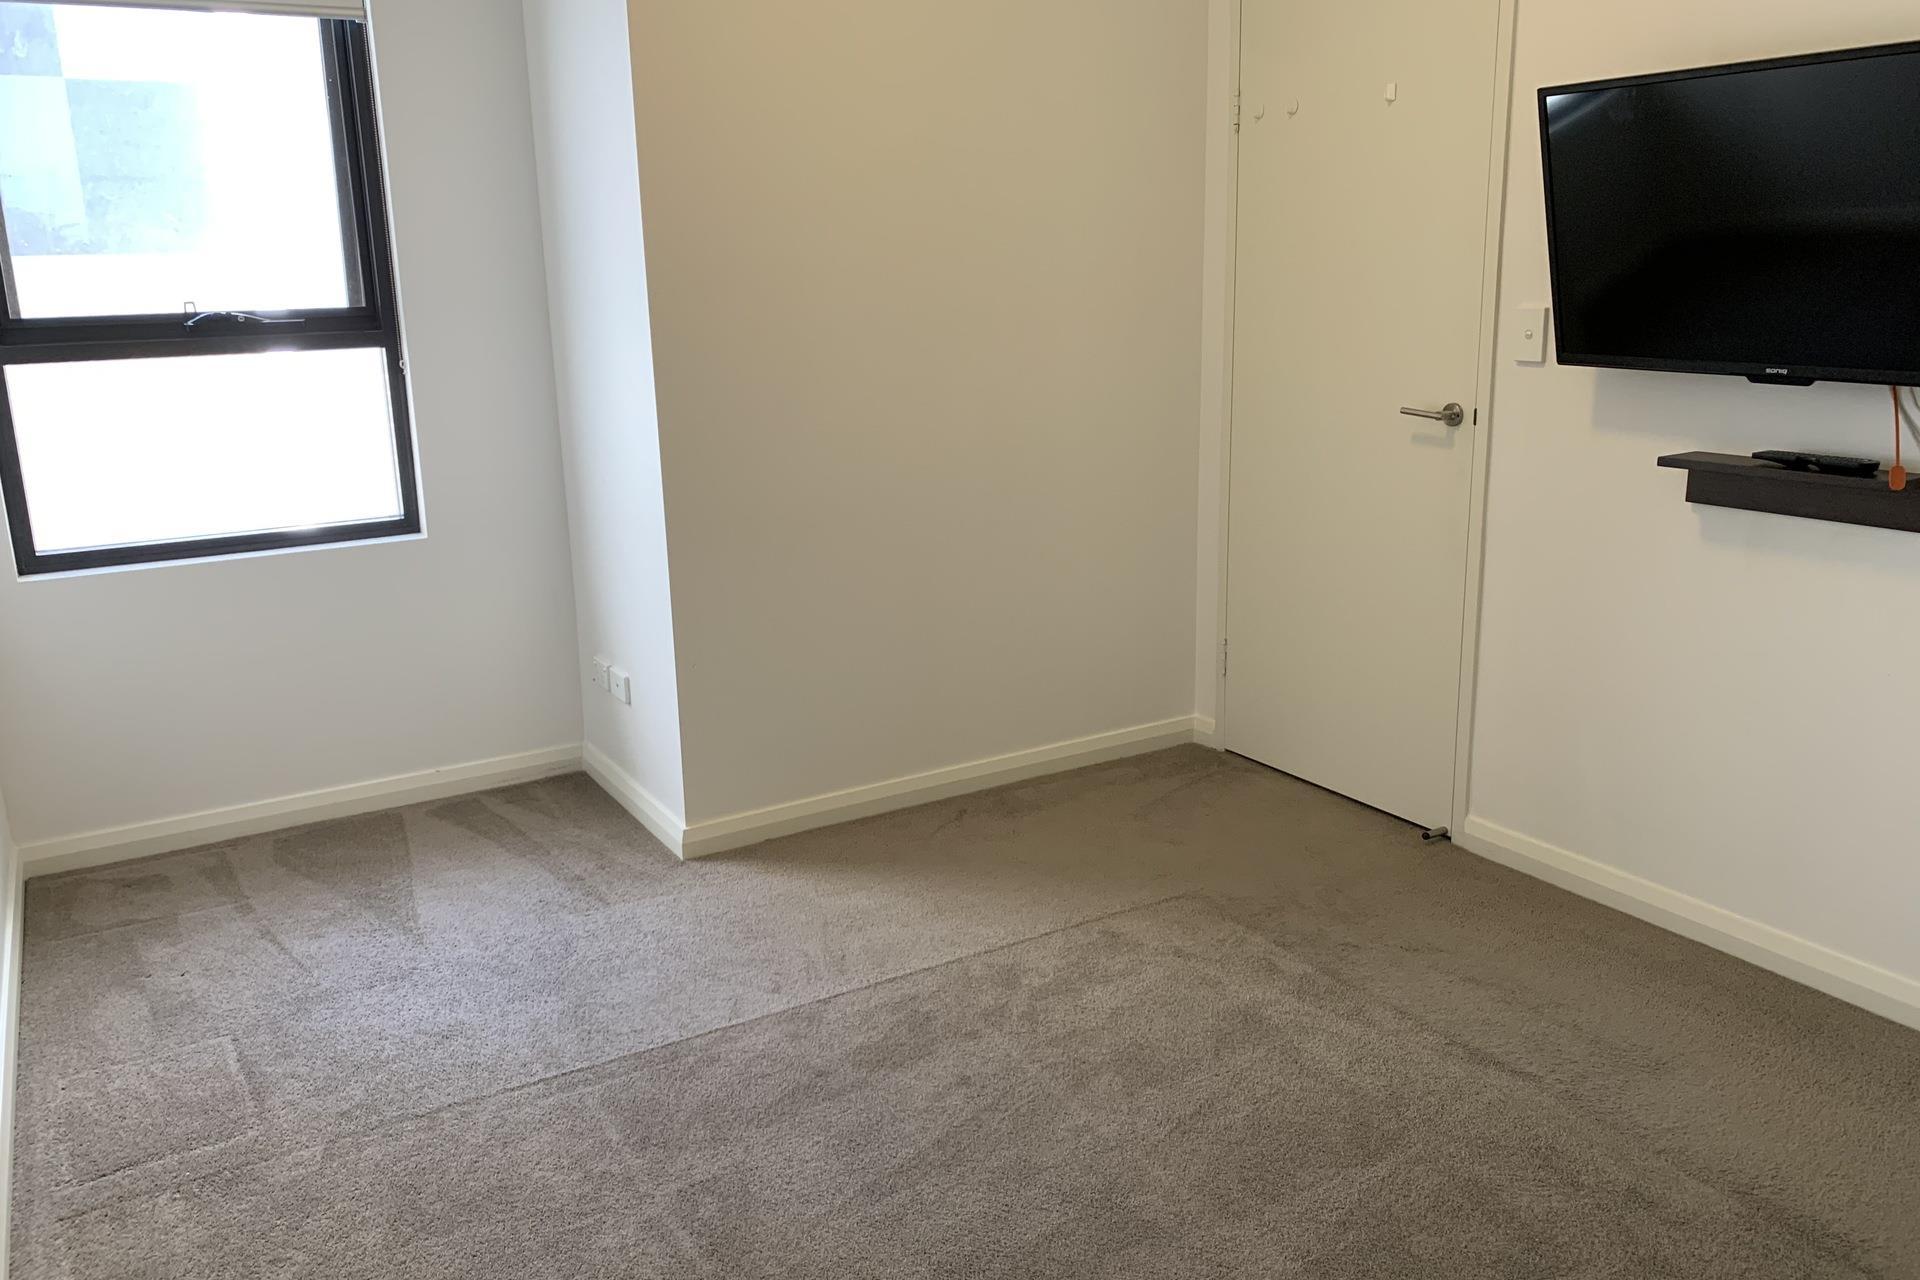 209/4 Smallwood Ave, Homebush, NSW 2140